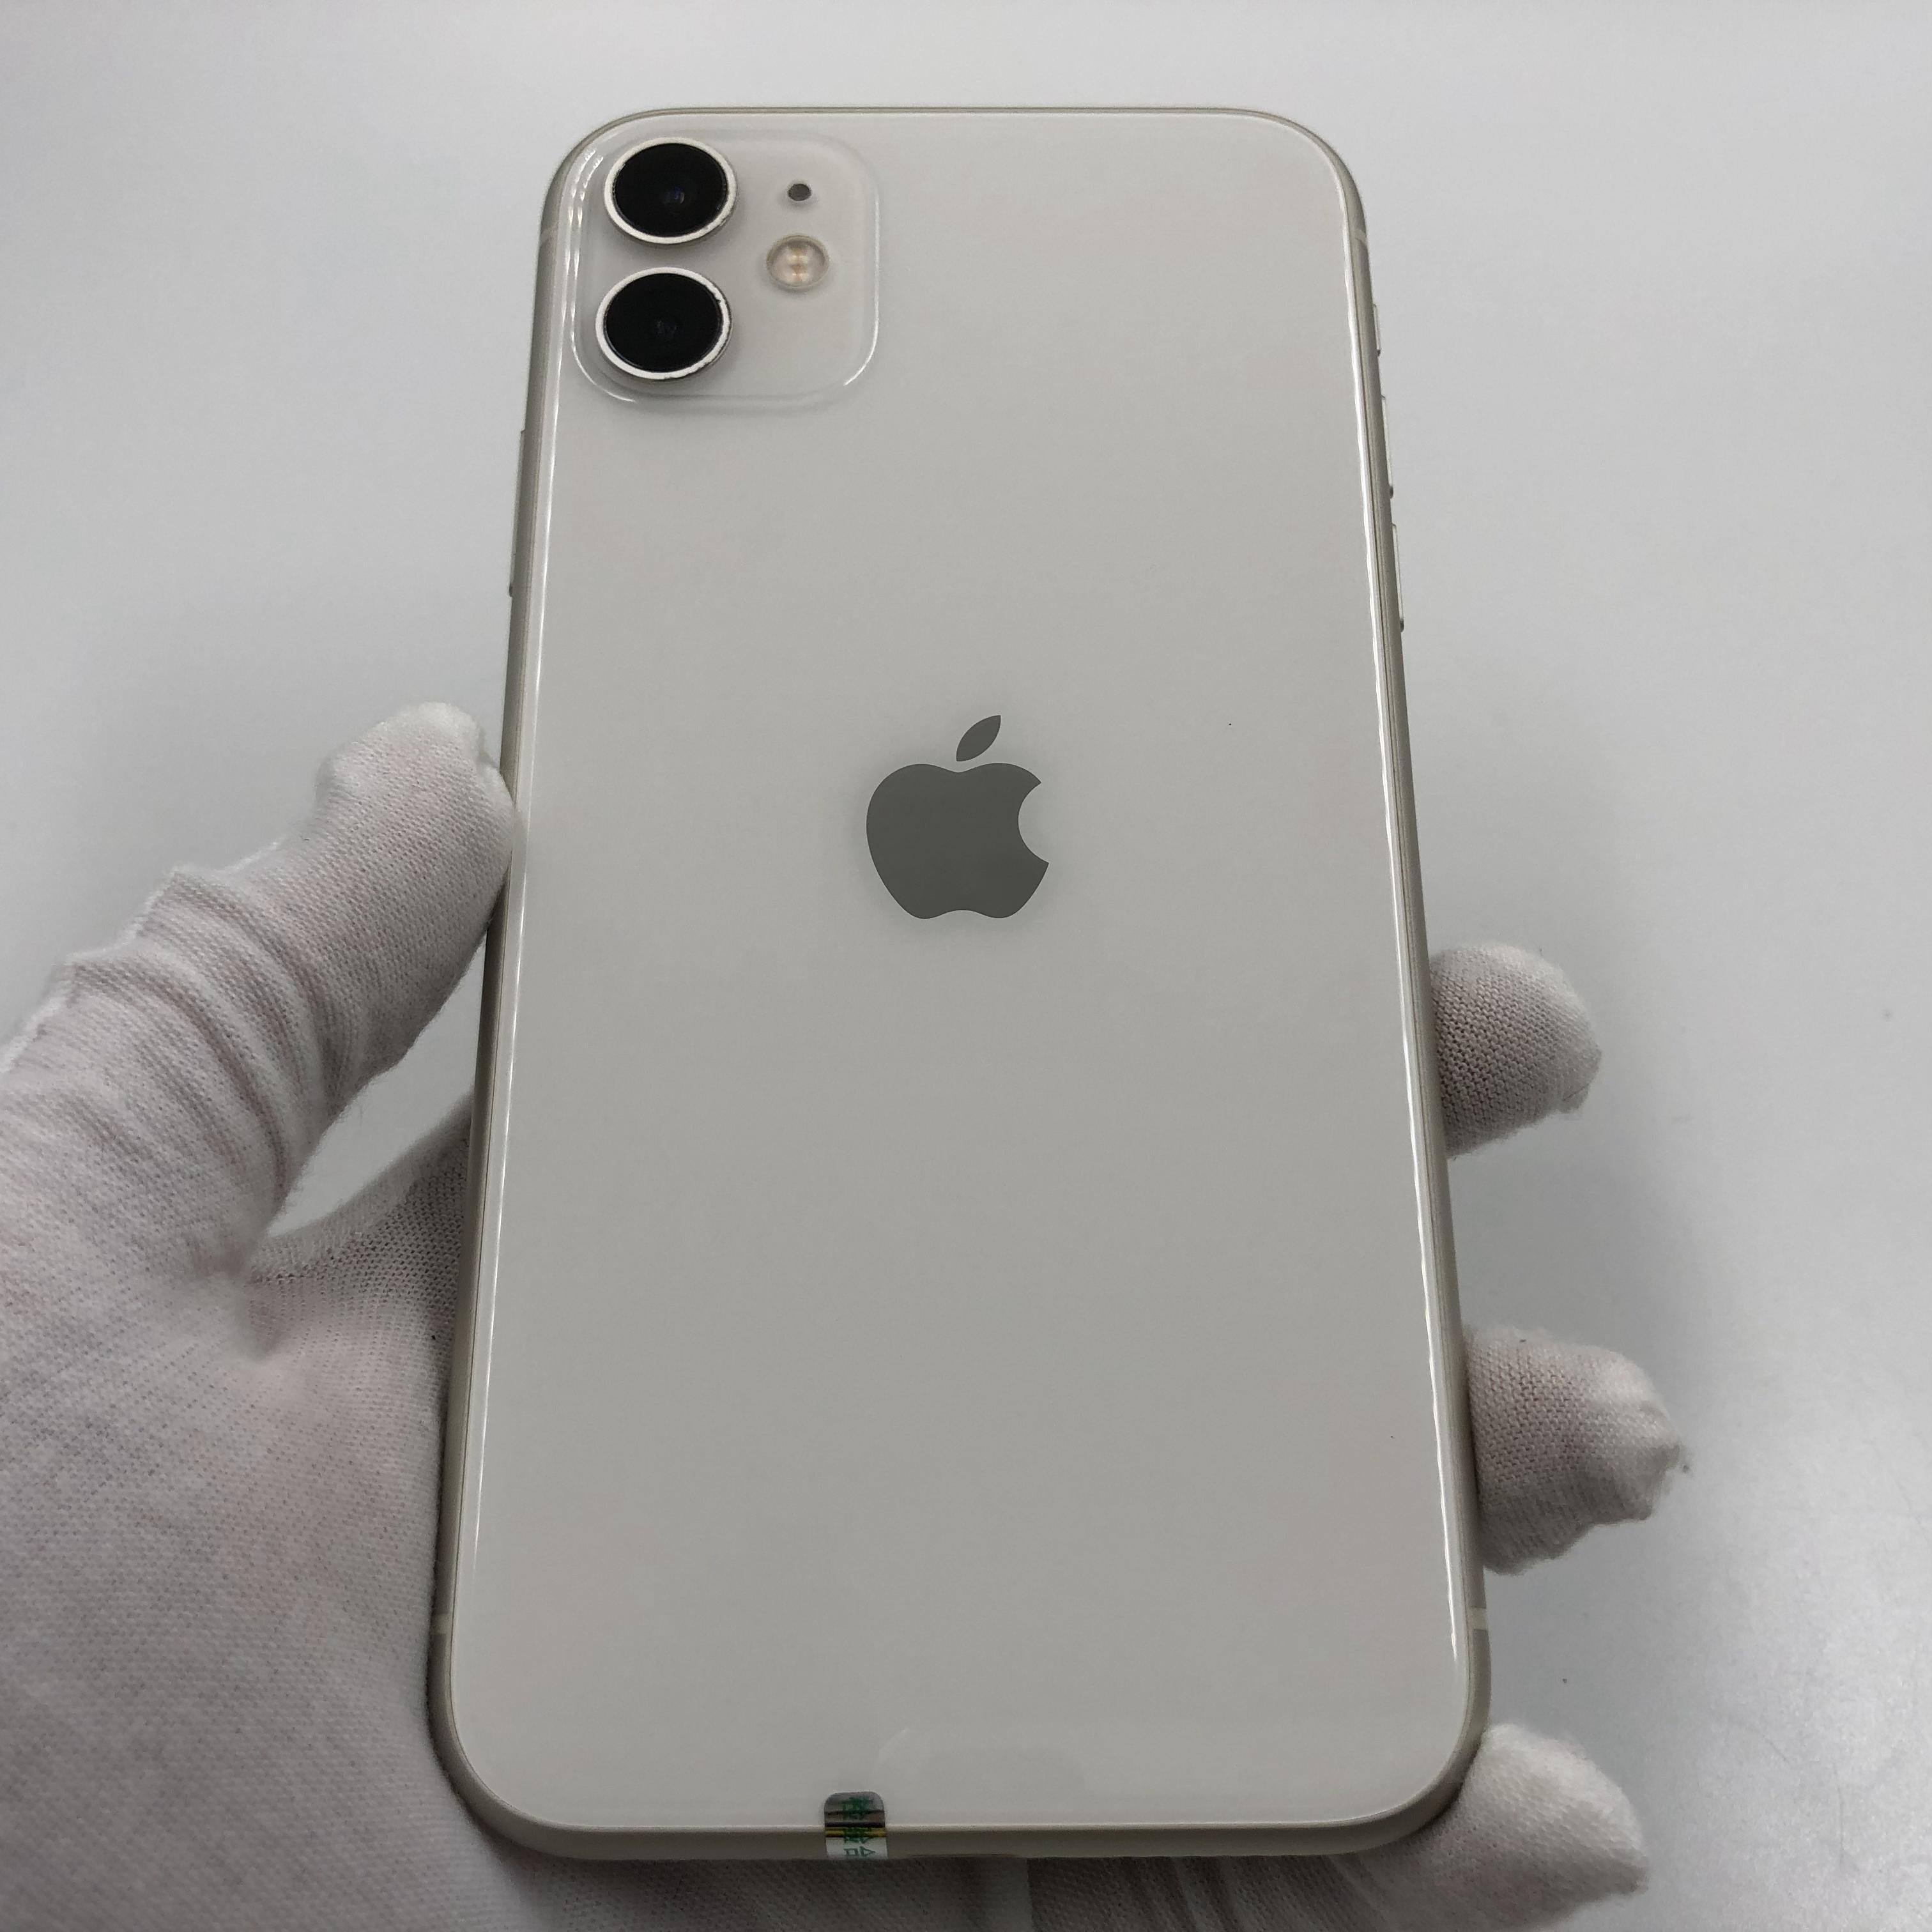 苹果【iPhone 11】4G全网通 白色 128G 国行 95新 真机实拍